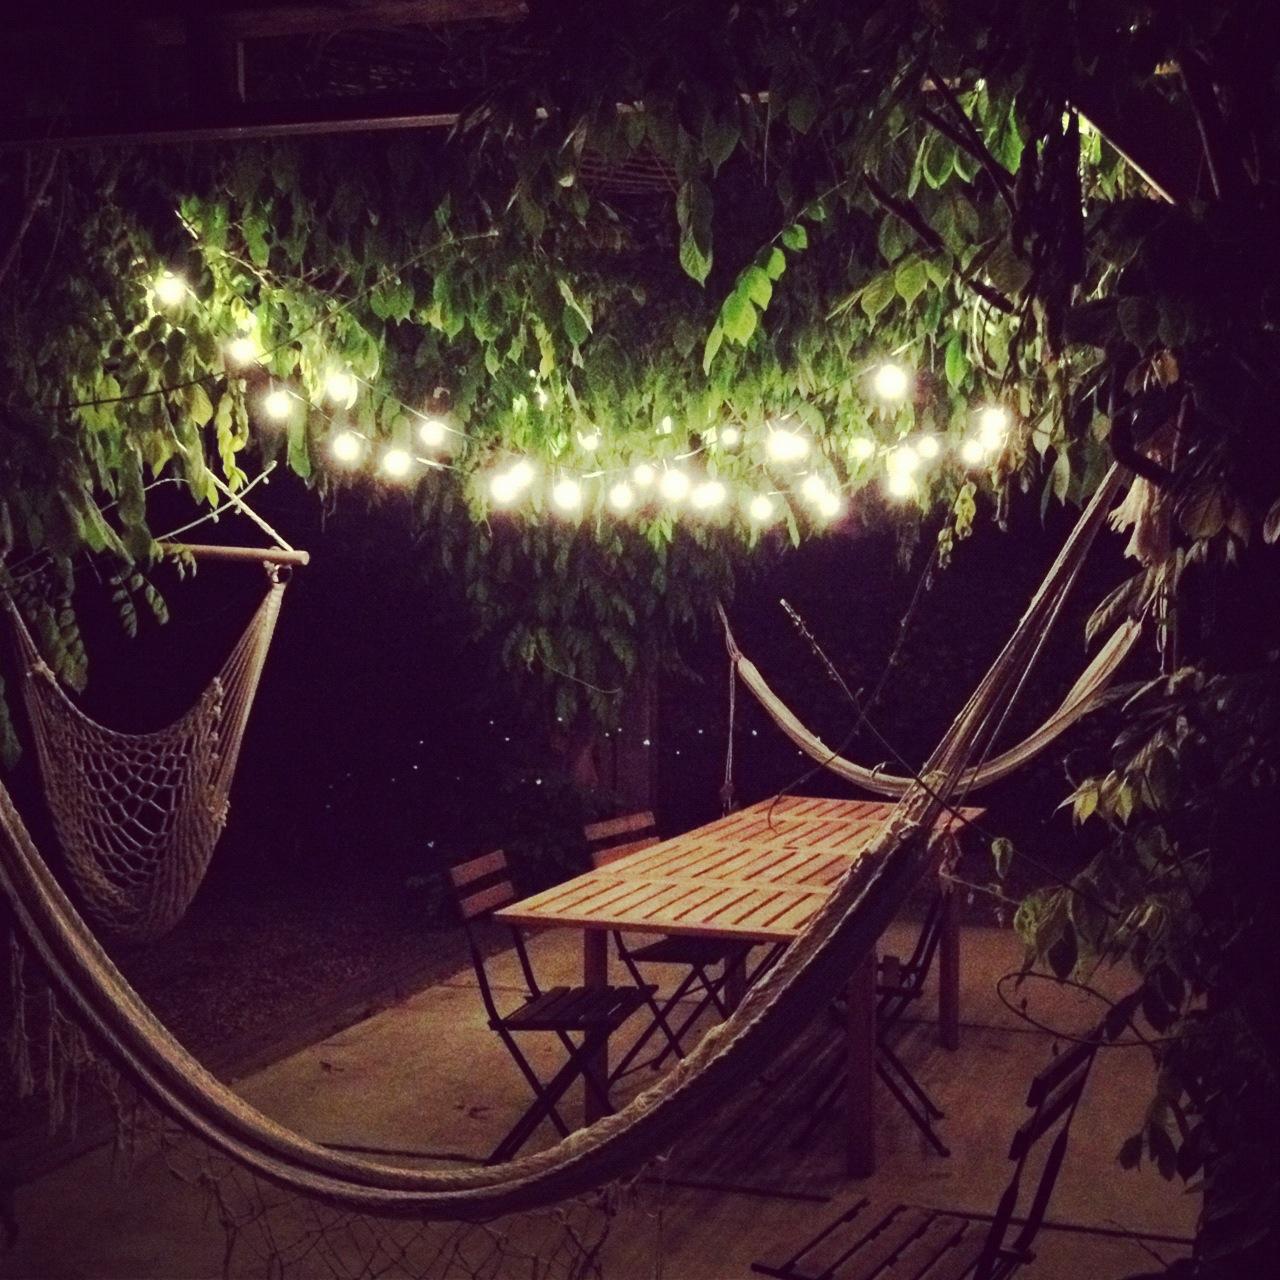 ikea outdoor lights photo - 3